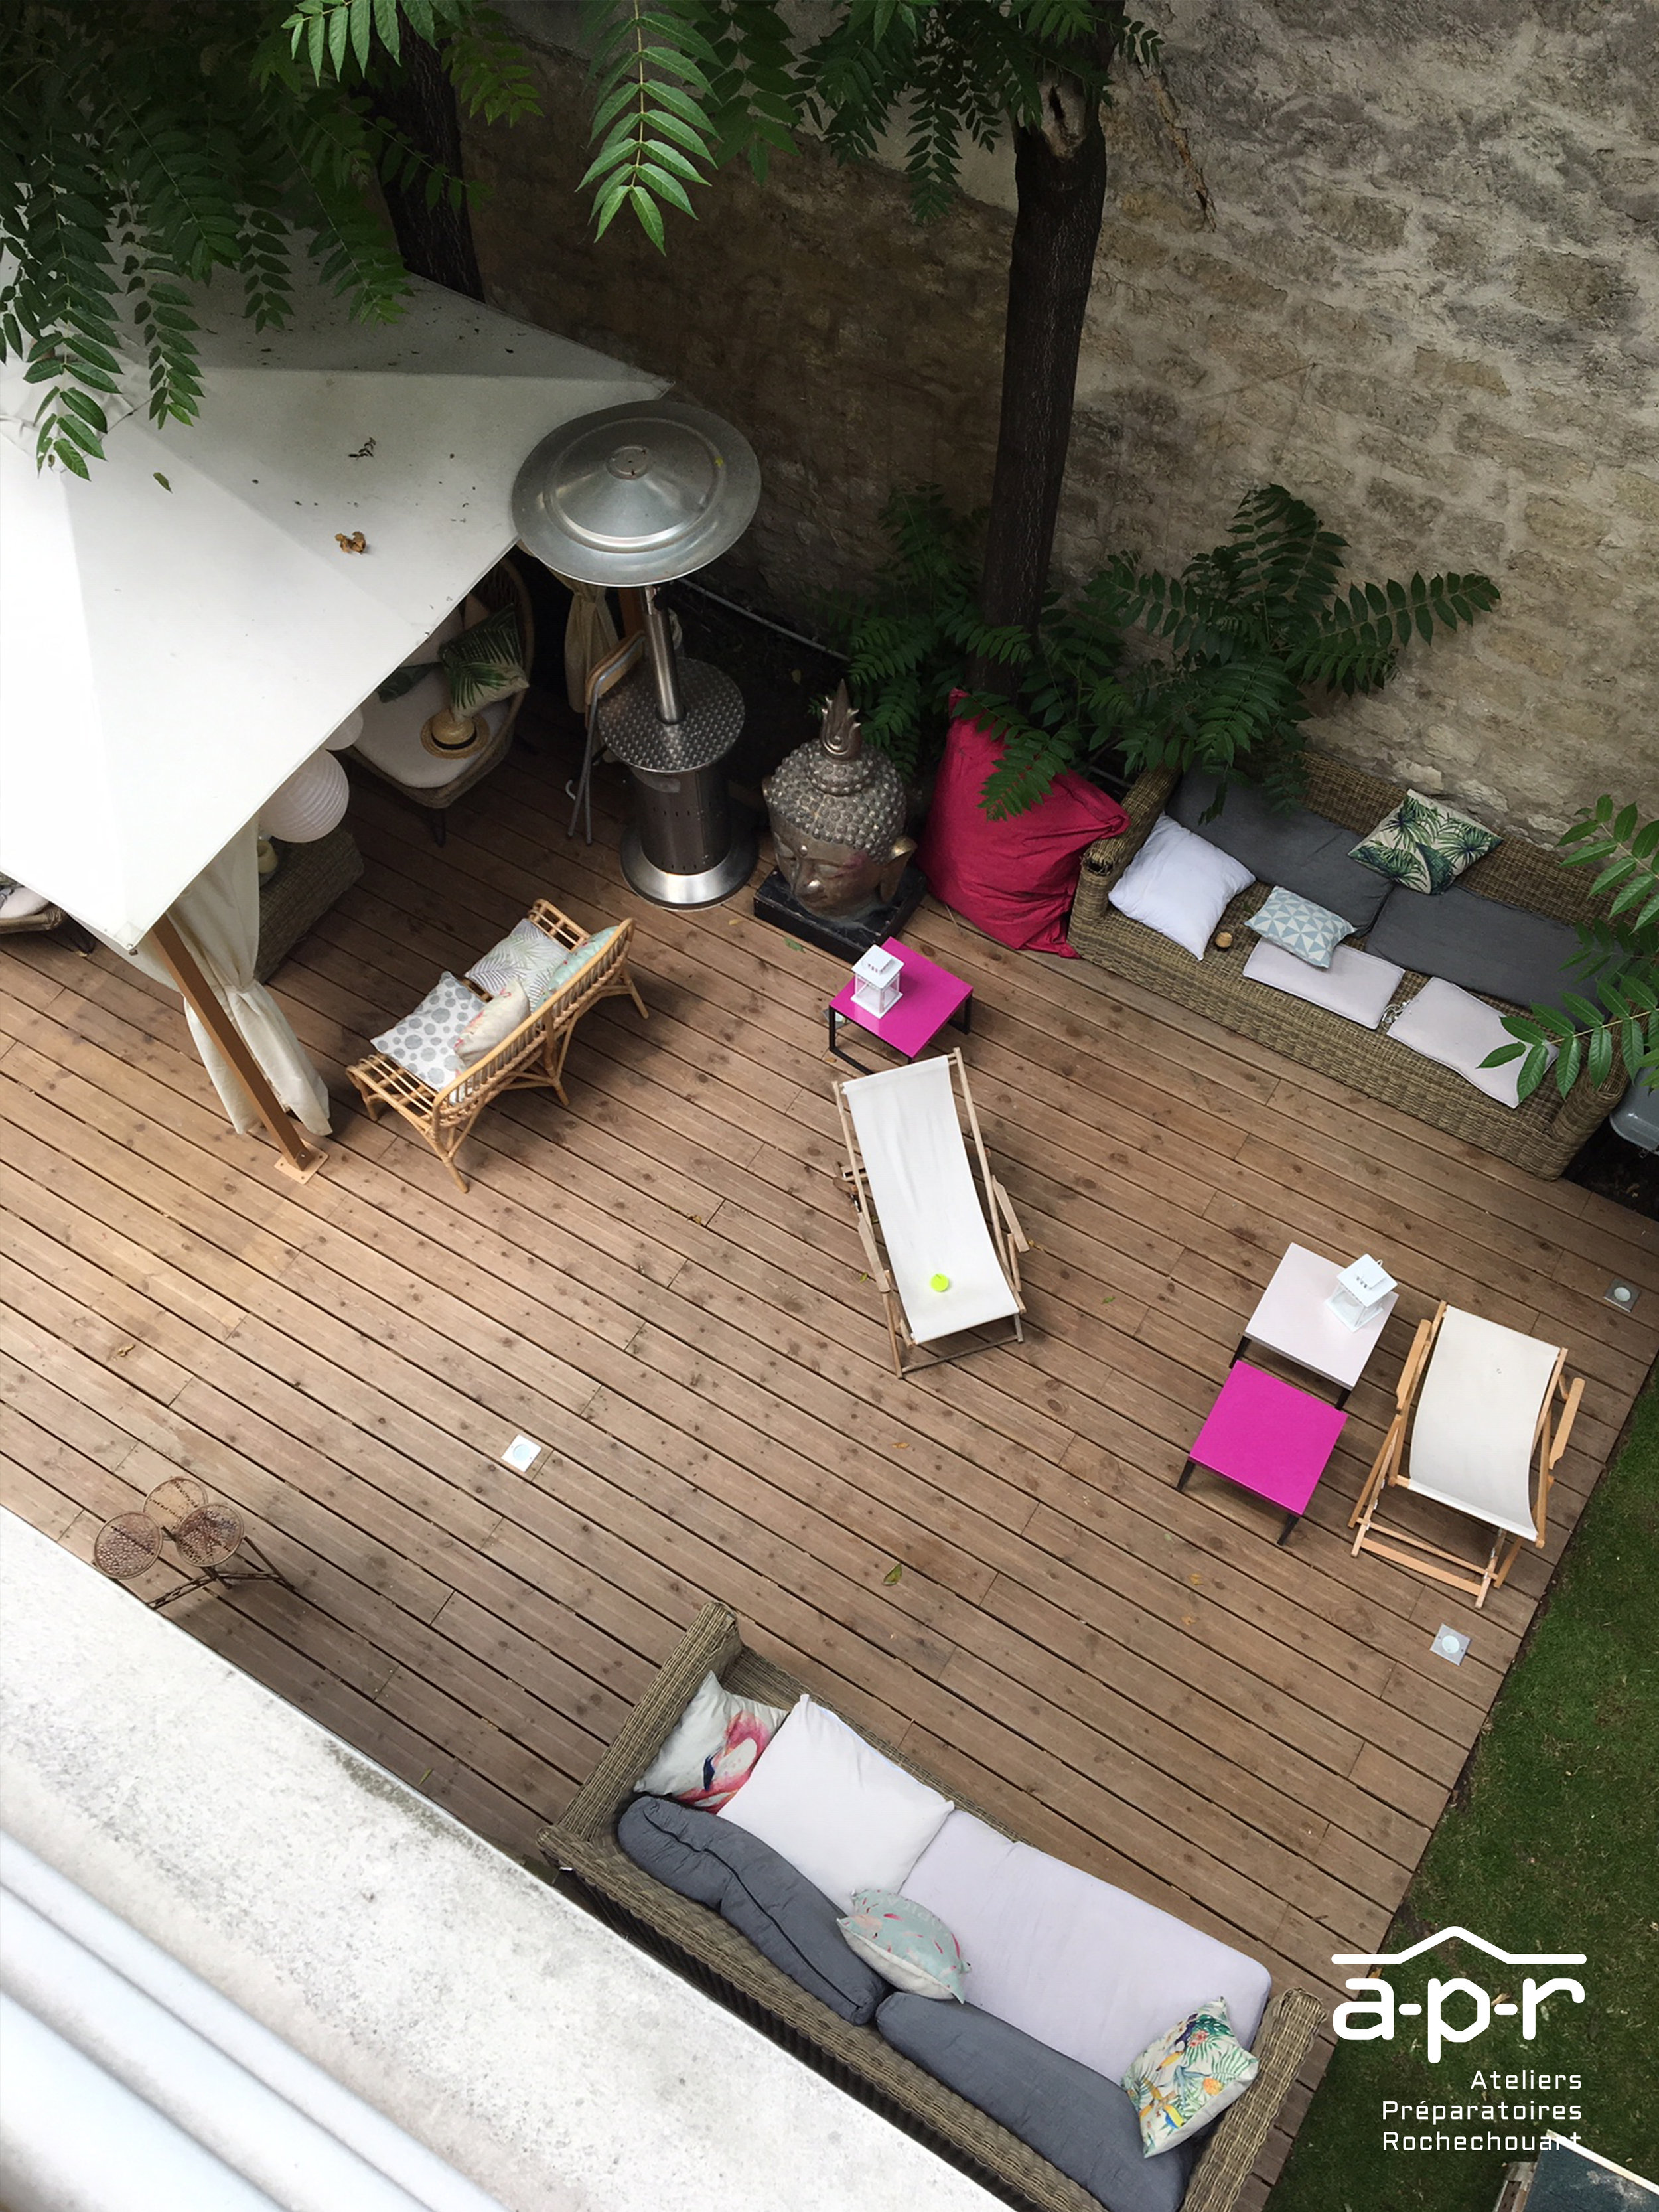 Ateliers-Préparatoires-Rochechouart-A.P.R.-Ecole-wedding-palnning-Paris-ecole-Paris-Formation-opca-micro-entreprise-metiers-mariage-evenementiel-3.jpg